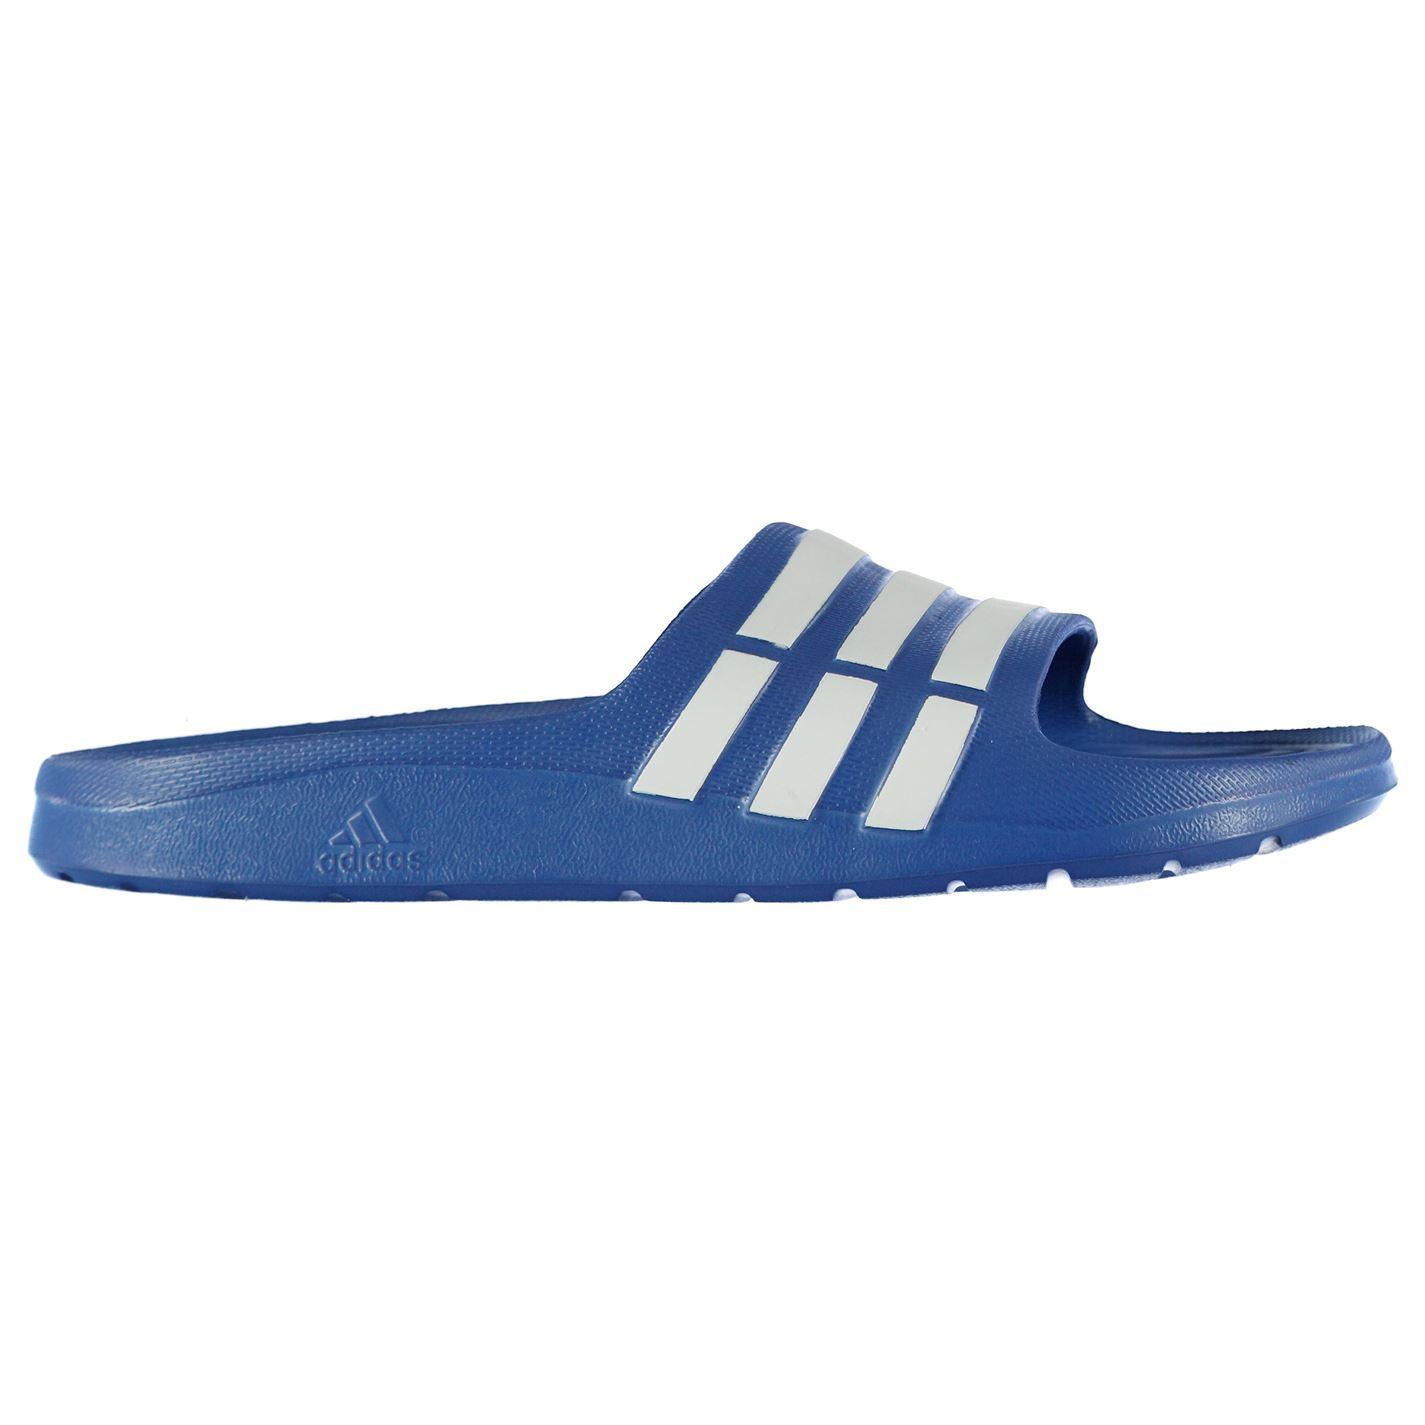 adidas duramo giovane cursori childrens piscina scarpe la striscia su ebay